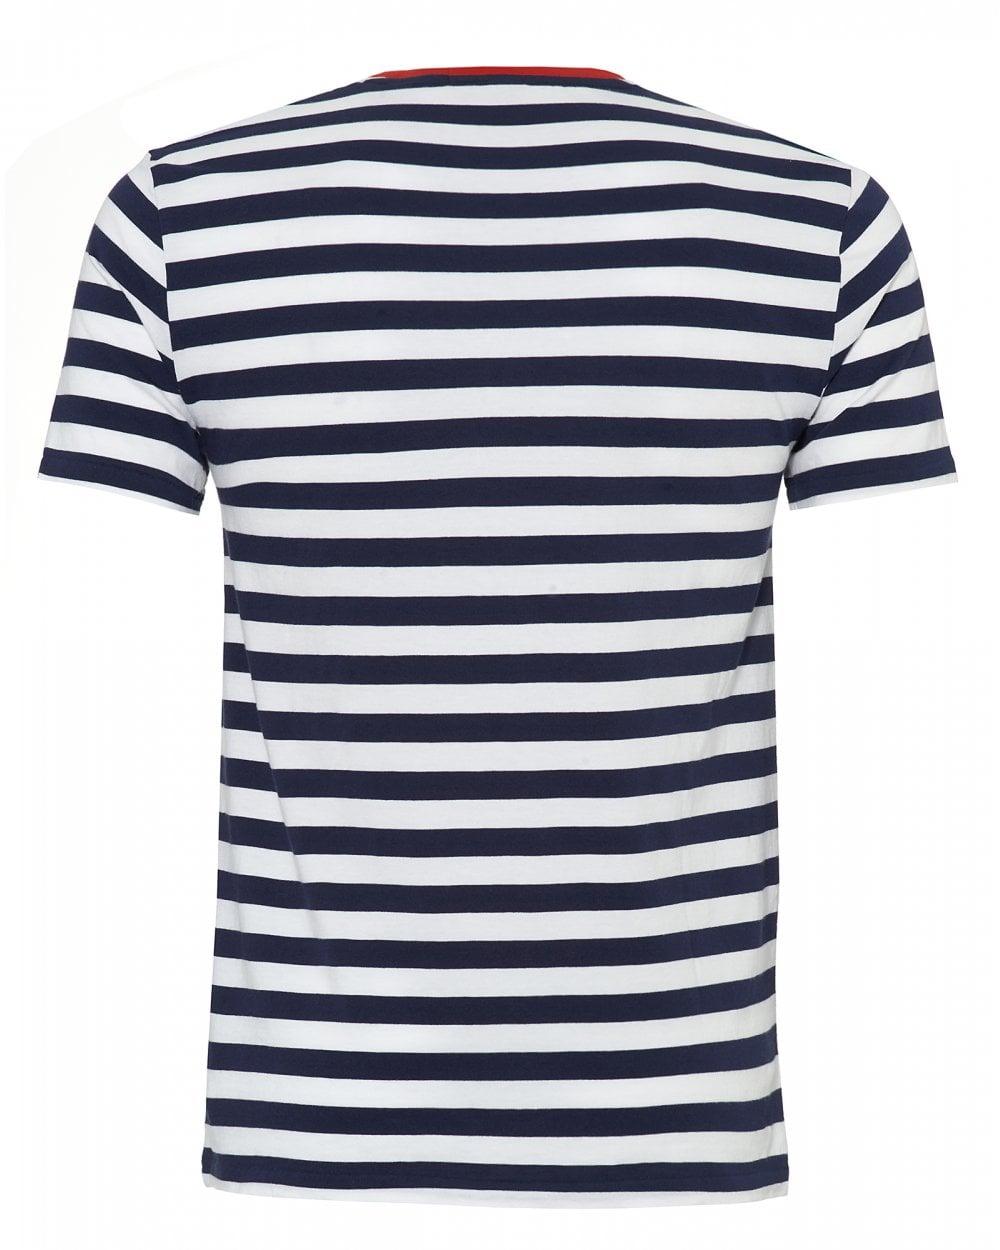 e3381430448d0 Ralph Lauren Mens Striped T-Shirt